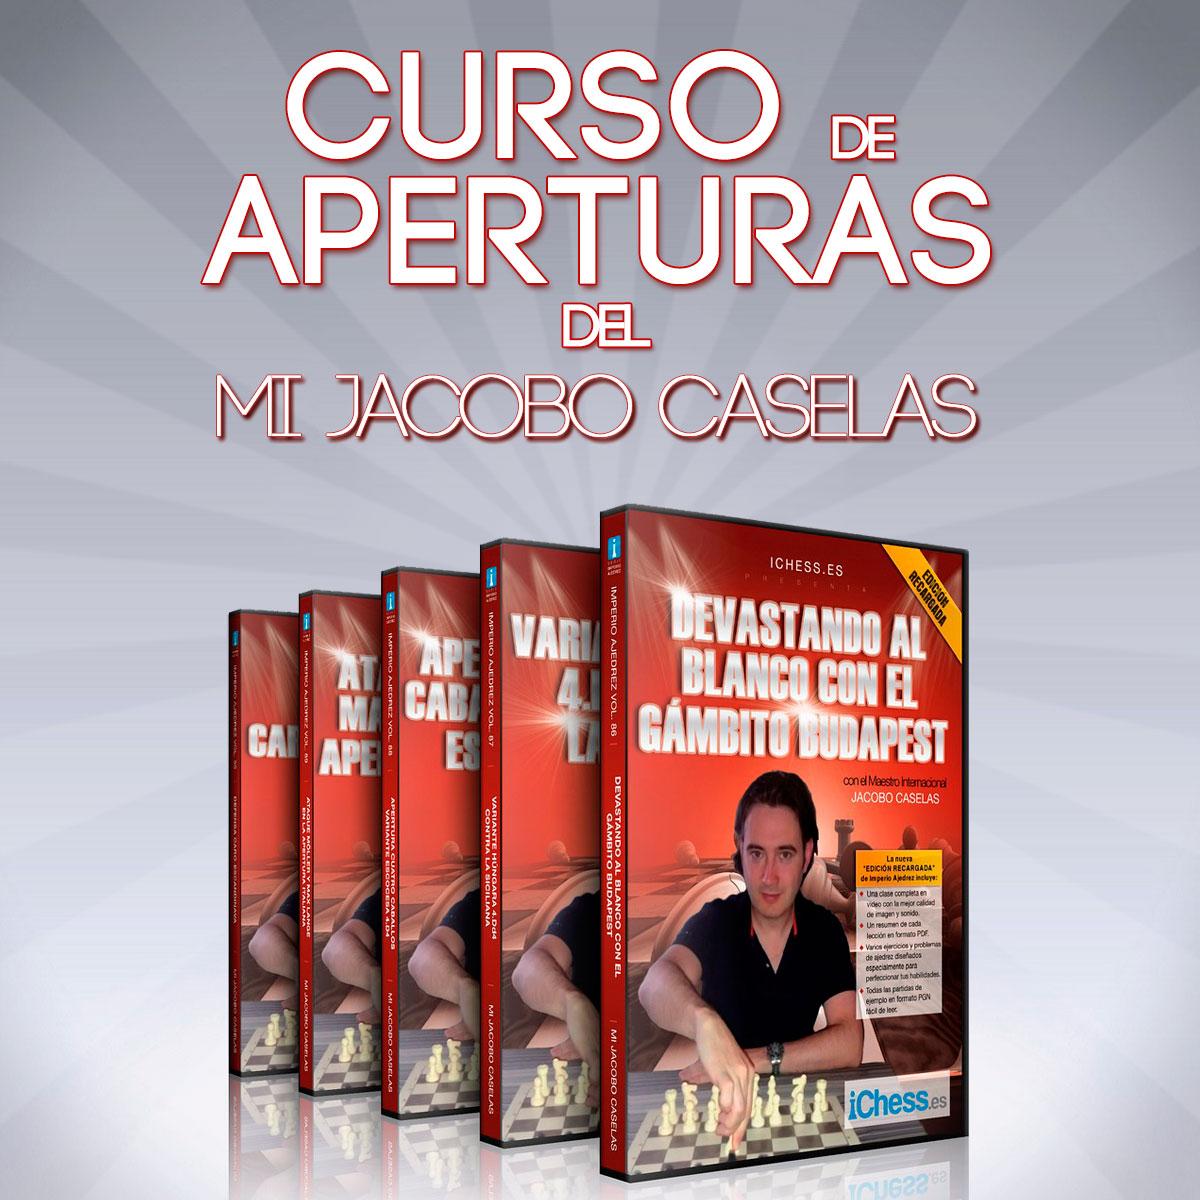 CursoAperturas-JacoboCaselas